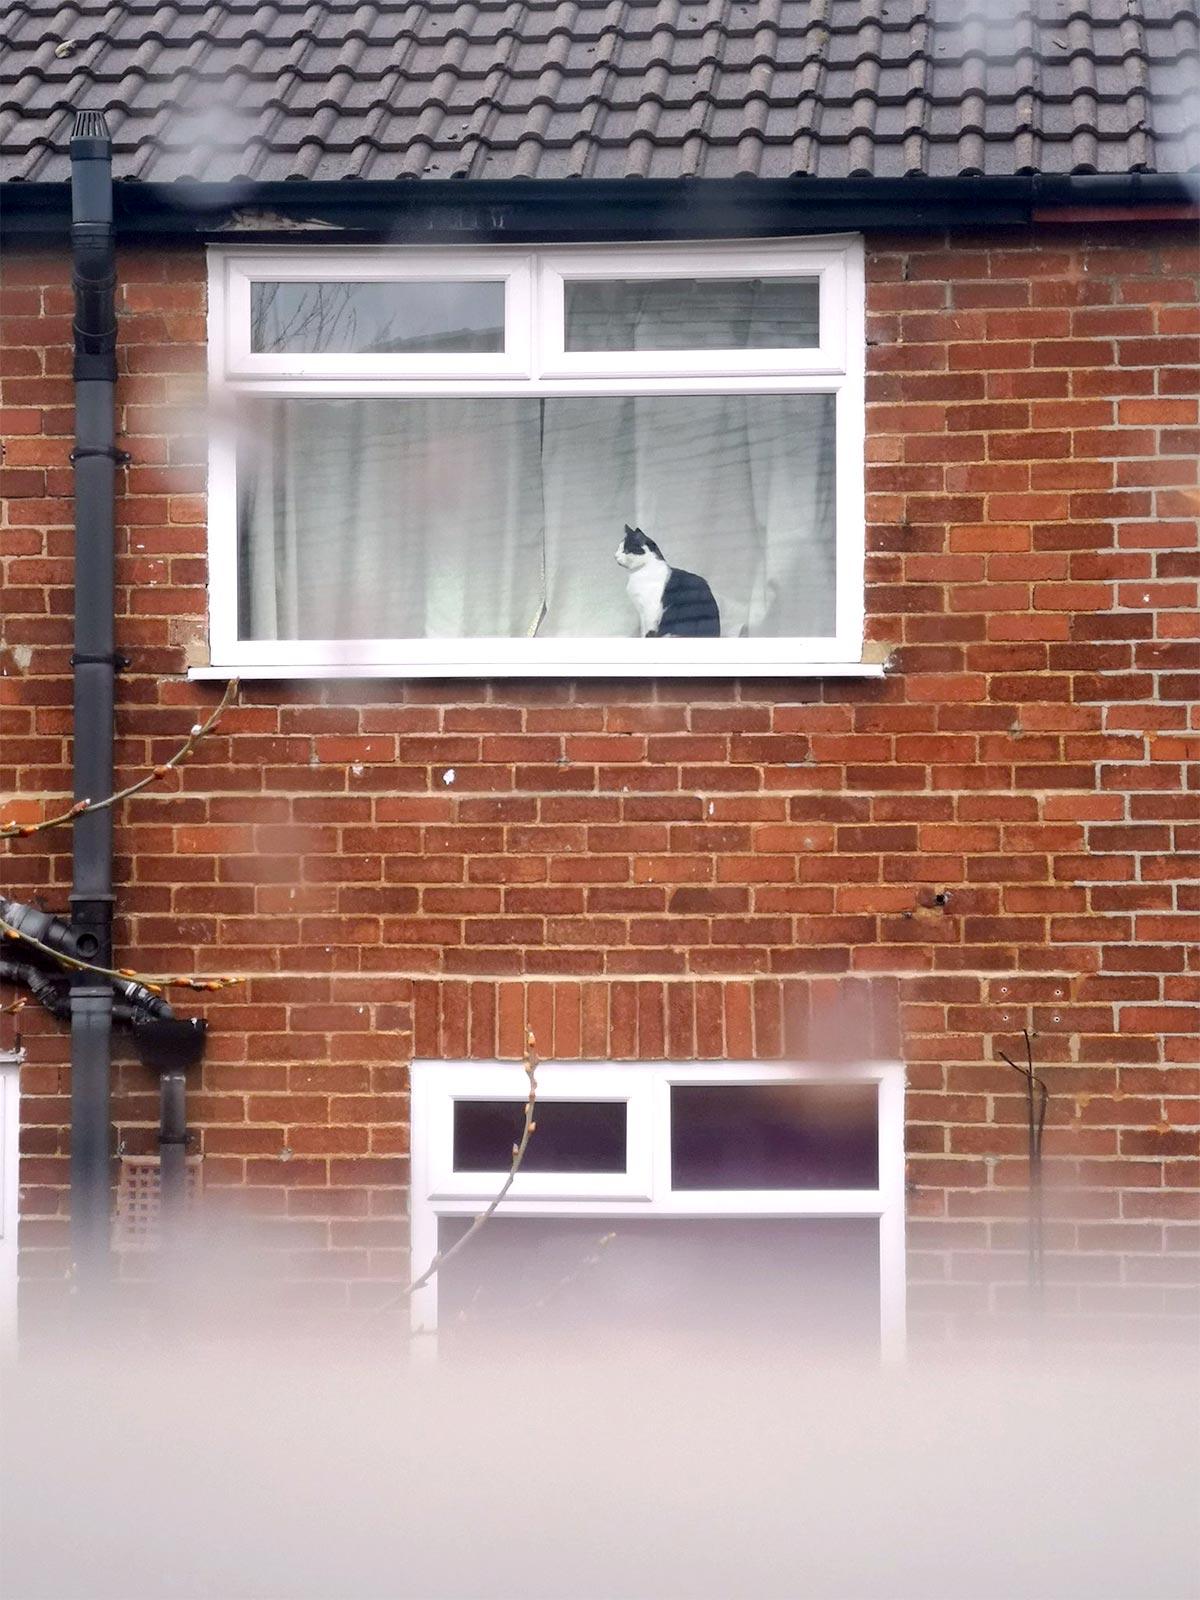 道向かいの猫の名は? そのやりとりが素敵!